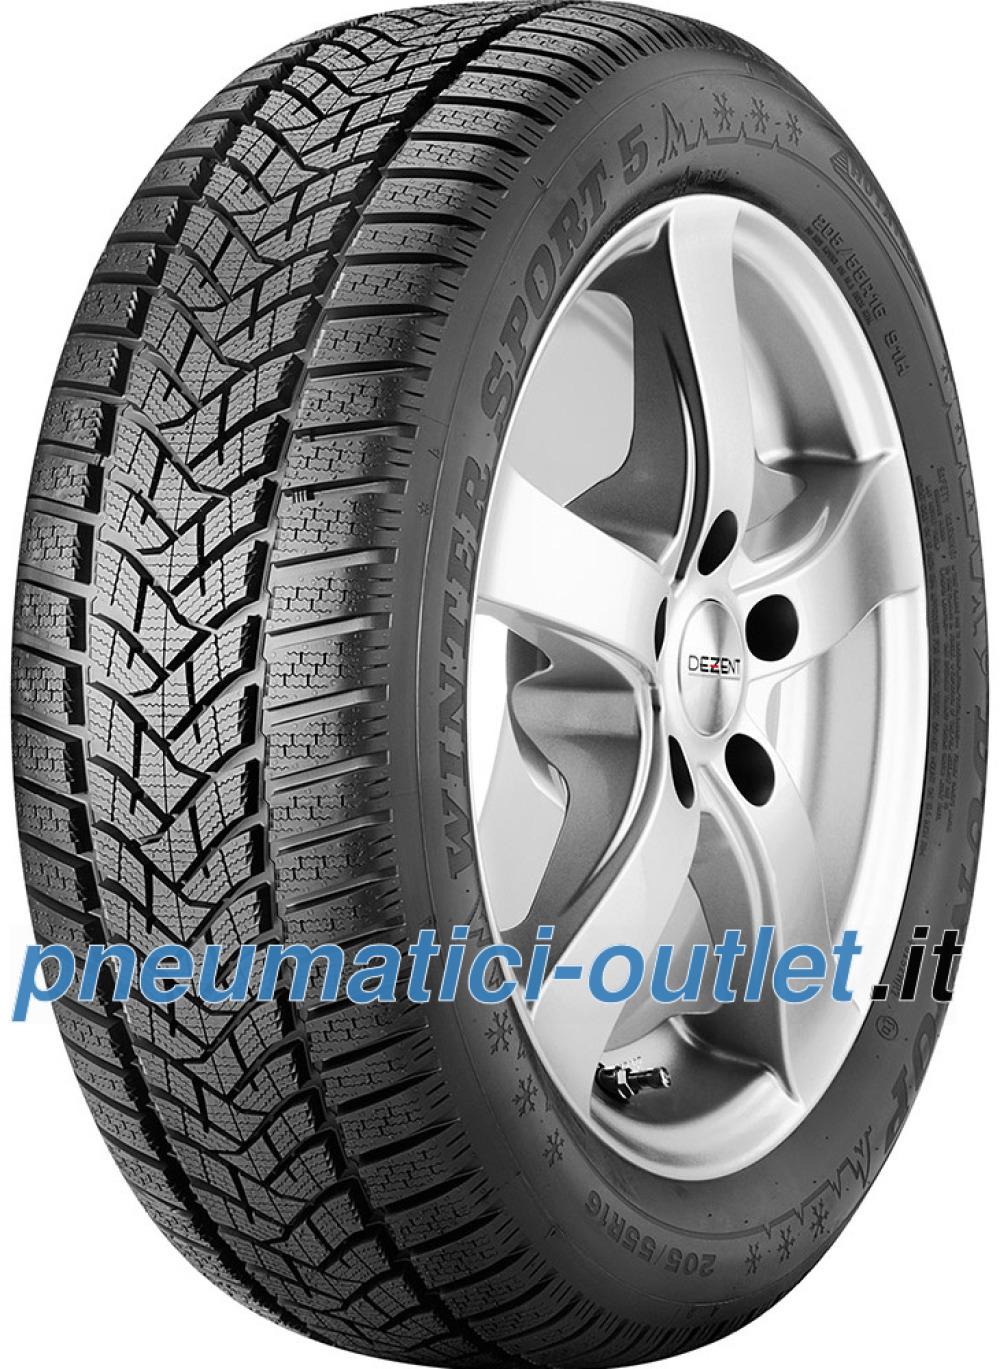 Dunlop Winter Sport 5 ( 245/45 R17 99V XL , con protezione del cerchio (MFS) )